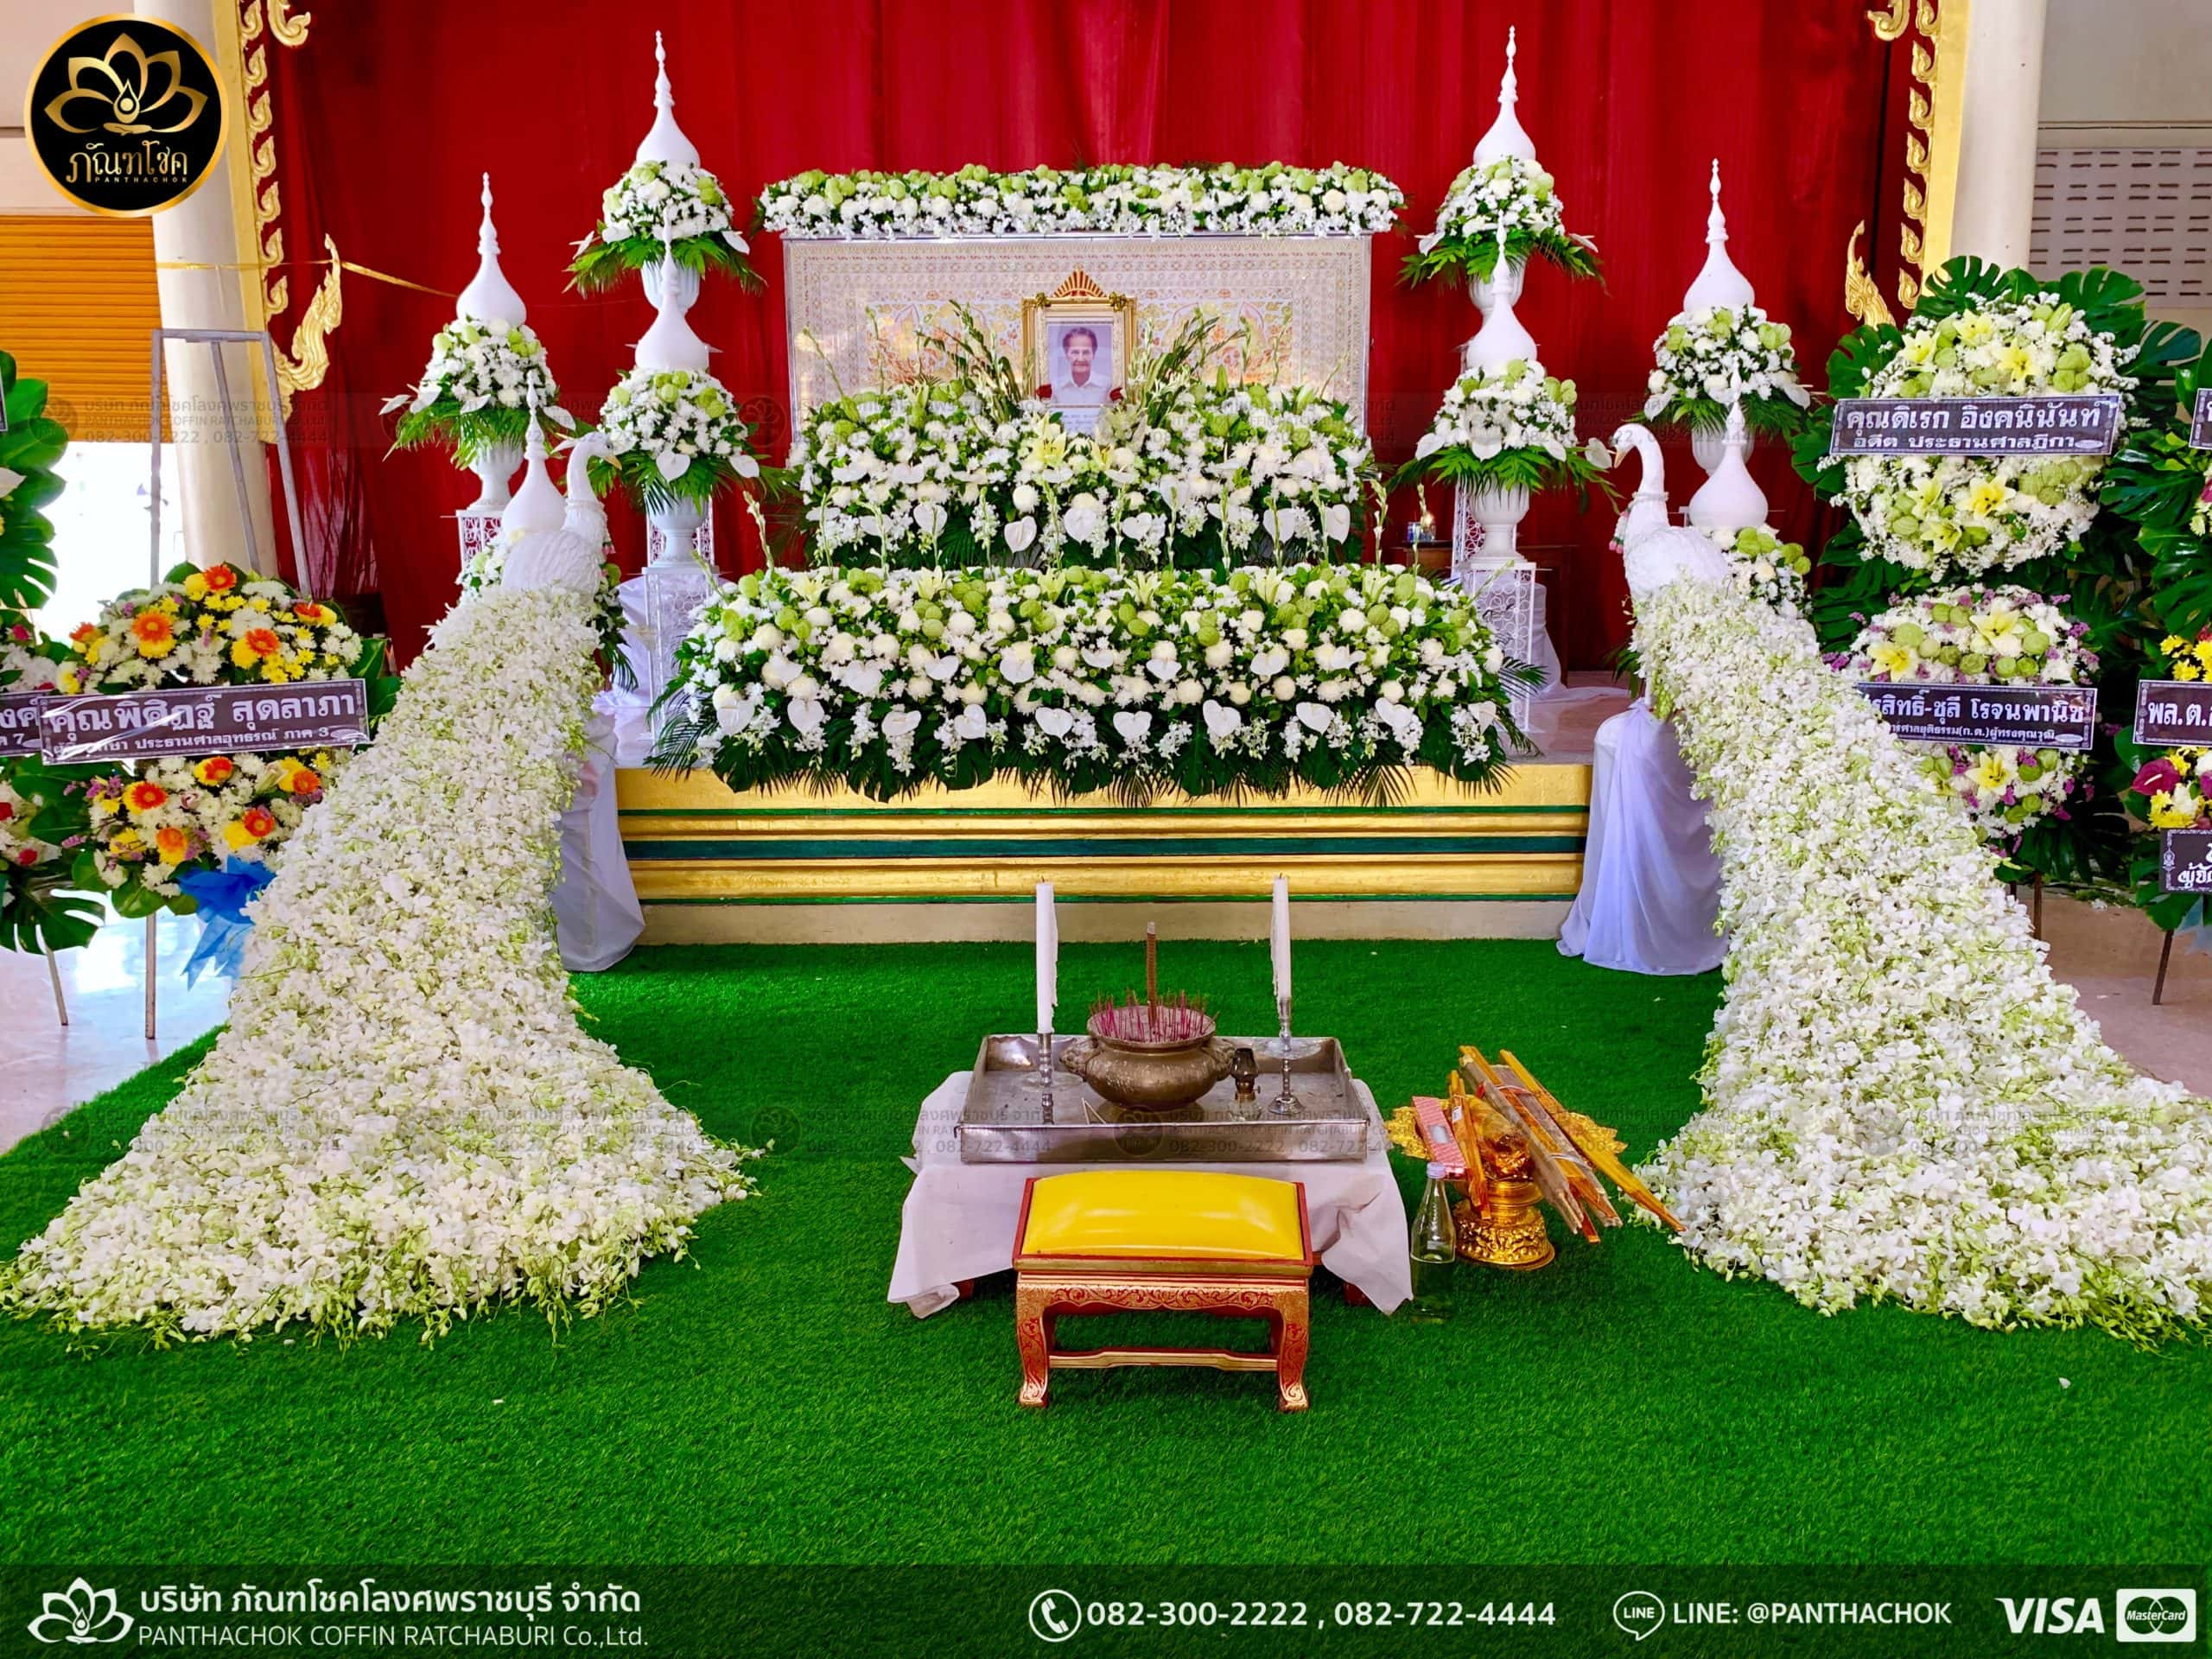 ดอกไม้งานศพนนทบุรี ดอกไม้งานศพนกยูง